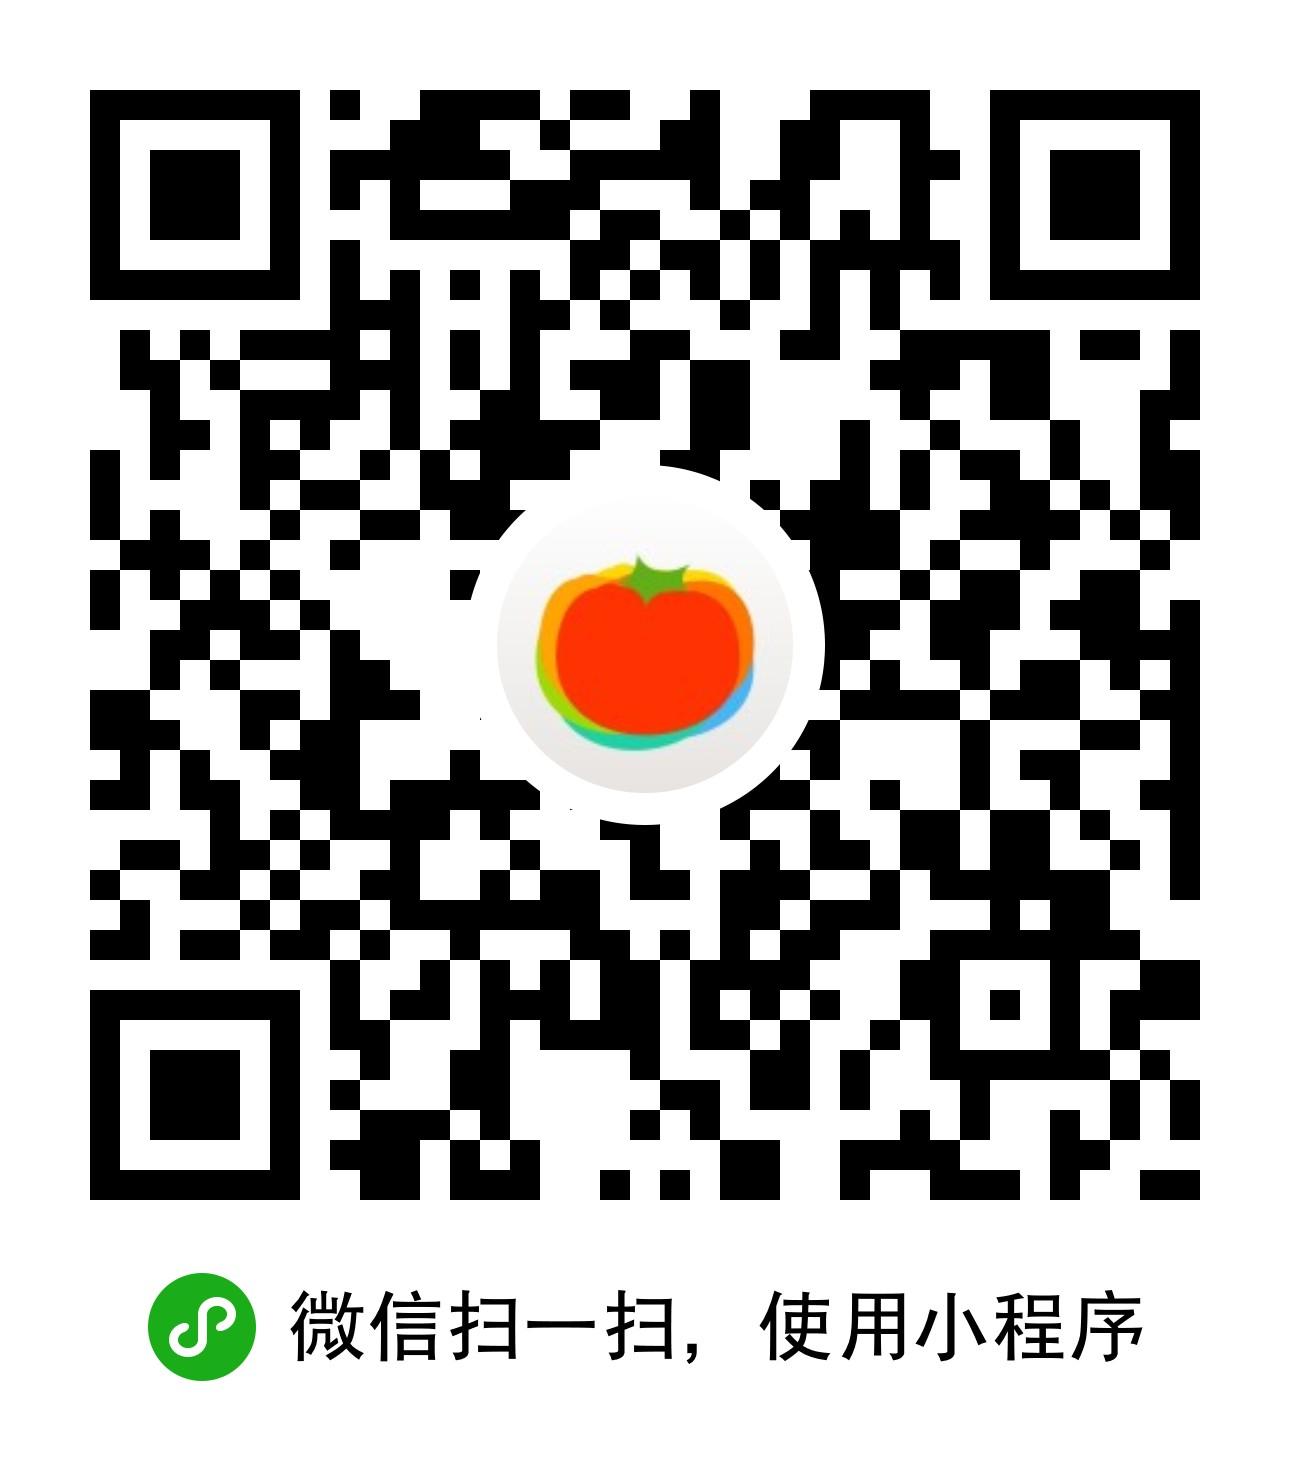 薄荷食物库-微信小程序二维码